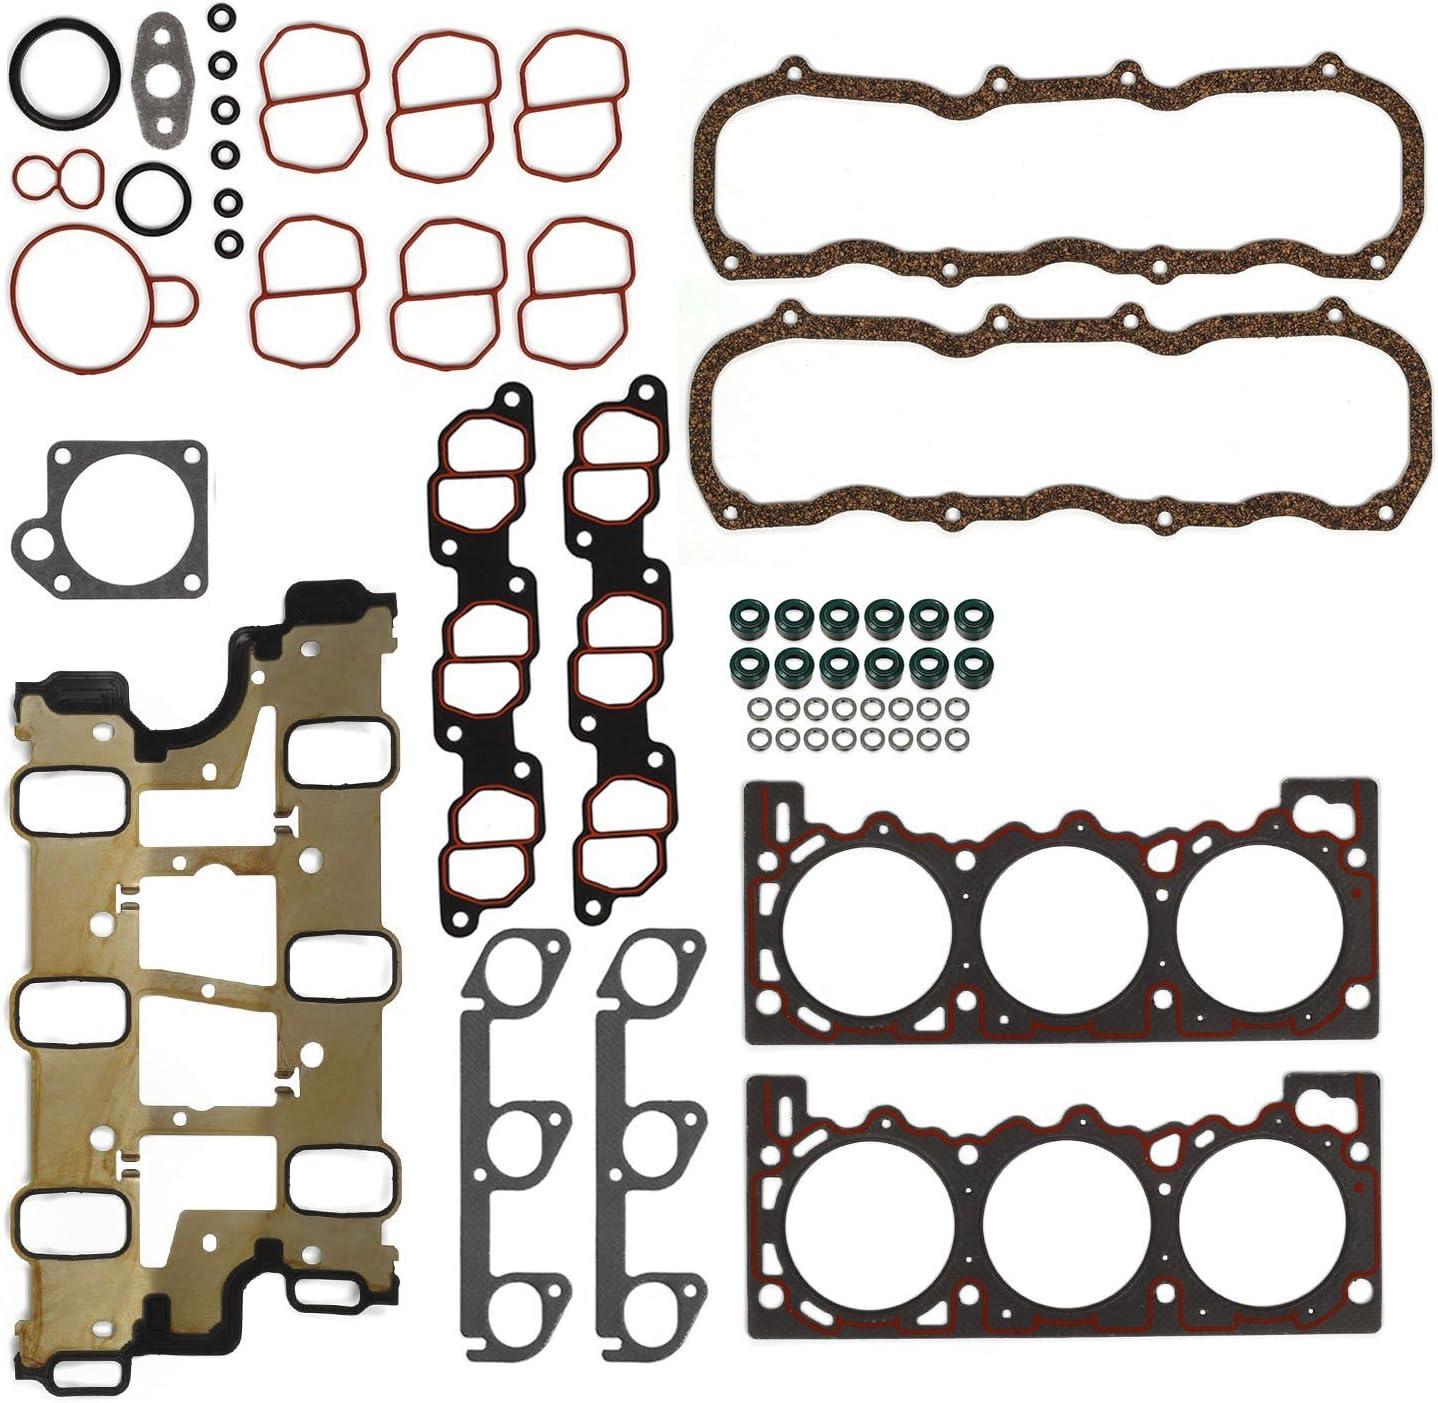 HS9081PT-1 Engine Cylinder Head Gasket Set For Ford /& Mazda V6-4.0L NEW